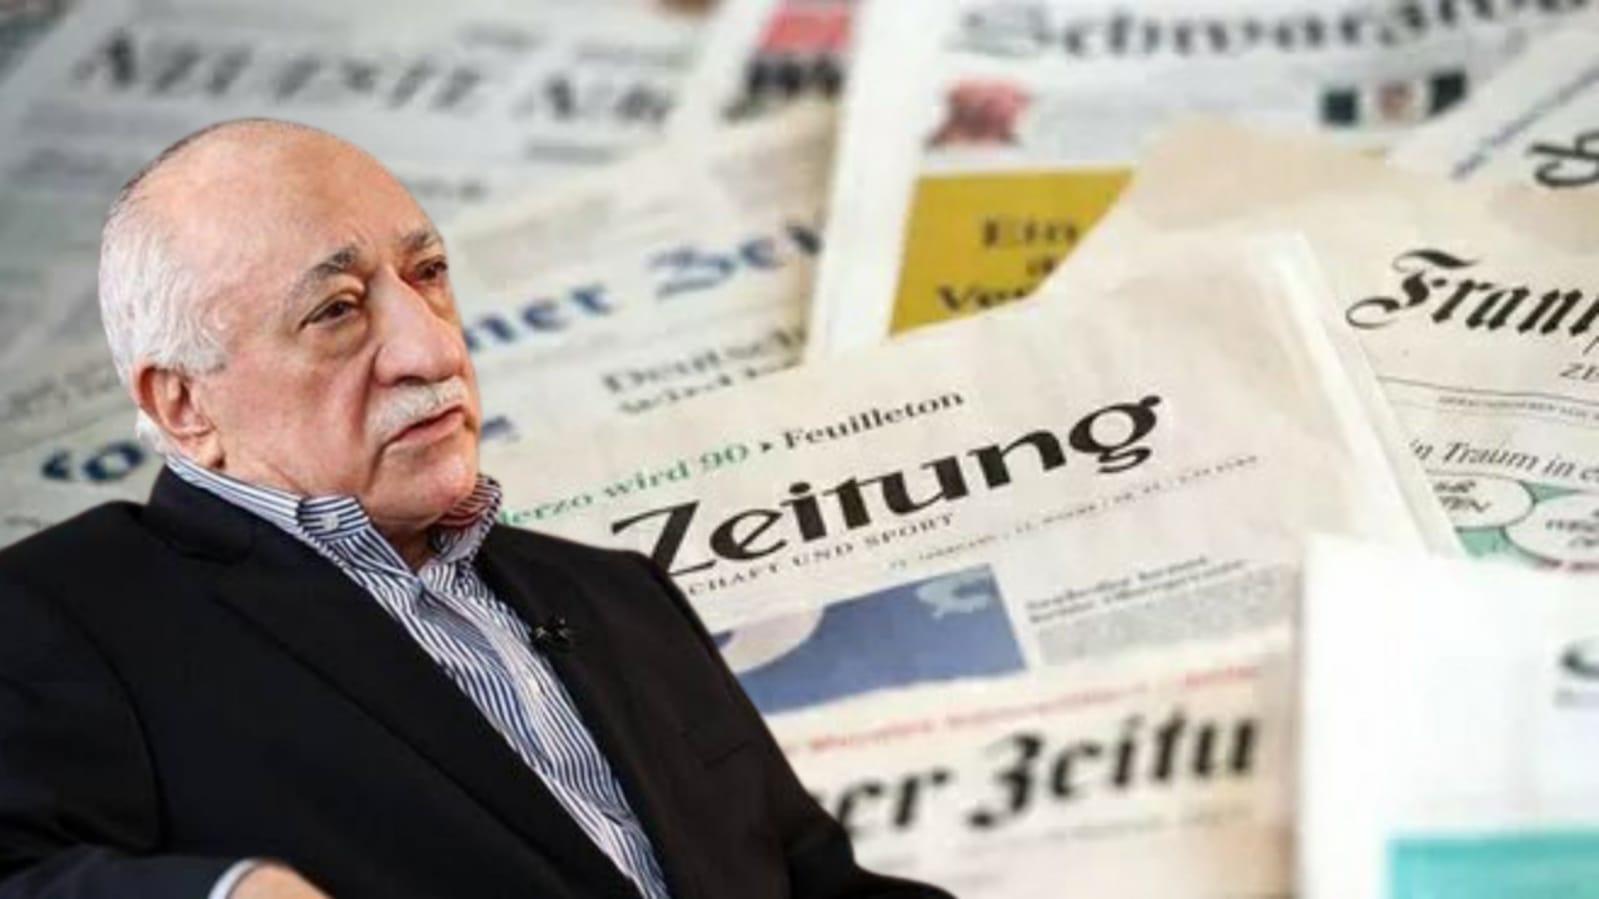 Alman Gazete uyardı: FETÖ yapılanması İlluminati'den daha tehlikeli